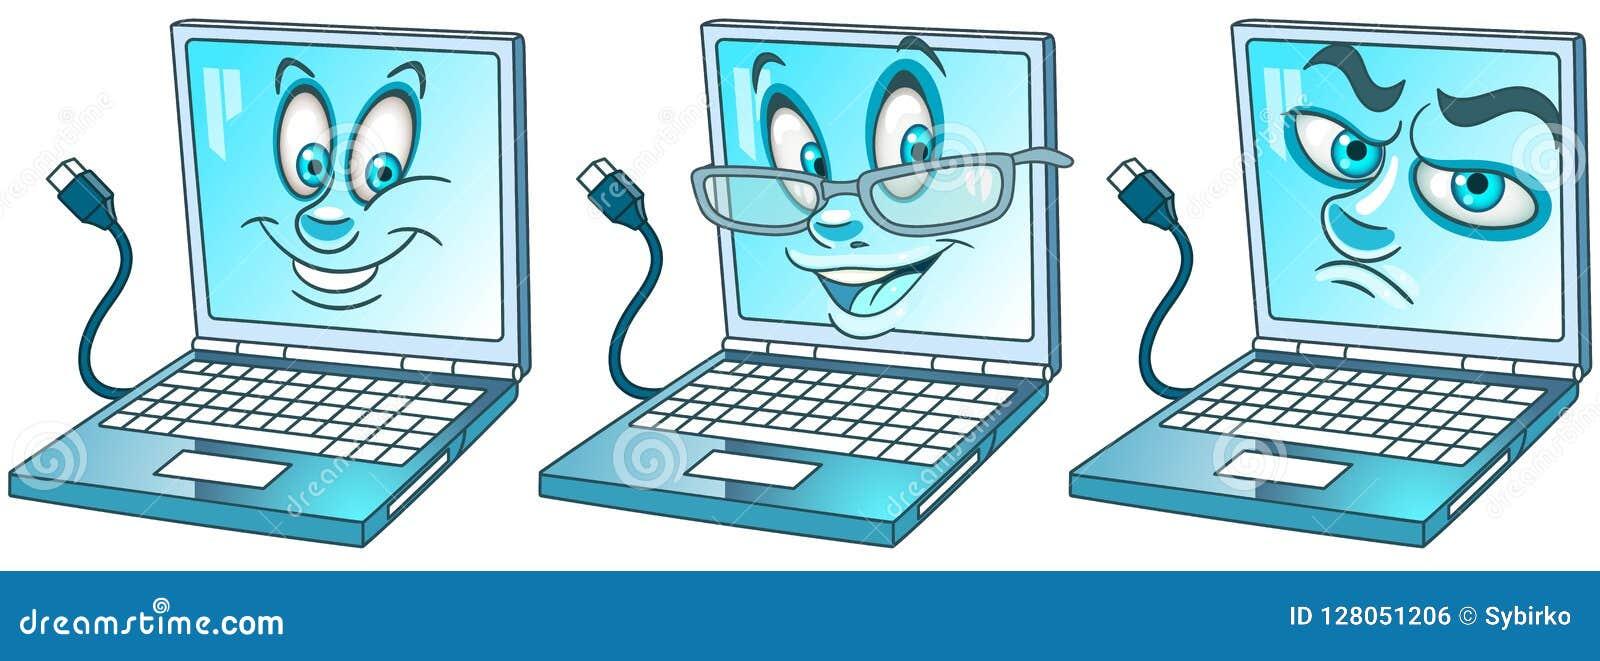 Lap-top Φορητός υπολογιστής Σύγχρονη έννοια τεχνολογιών